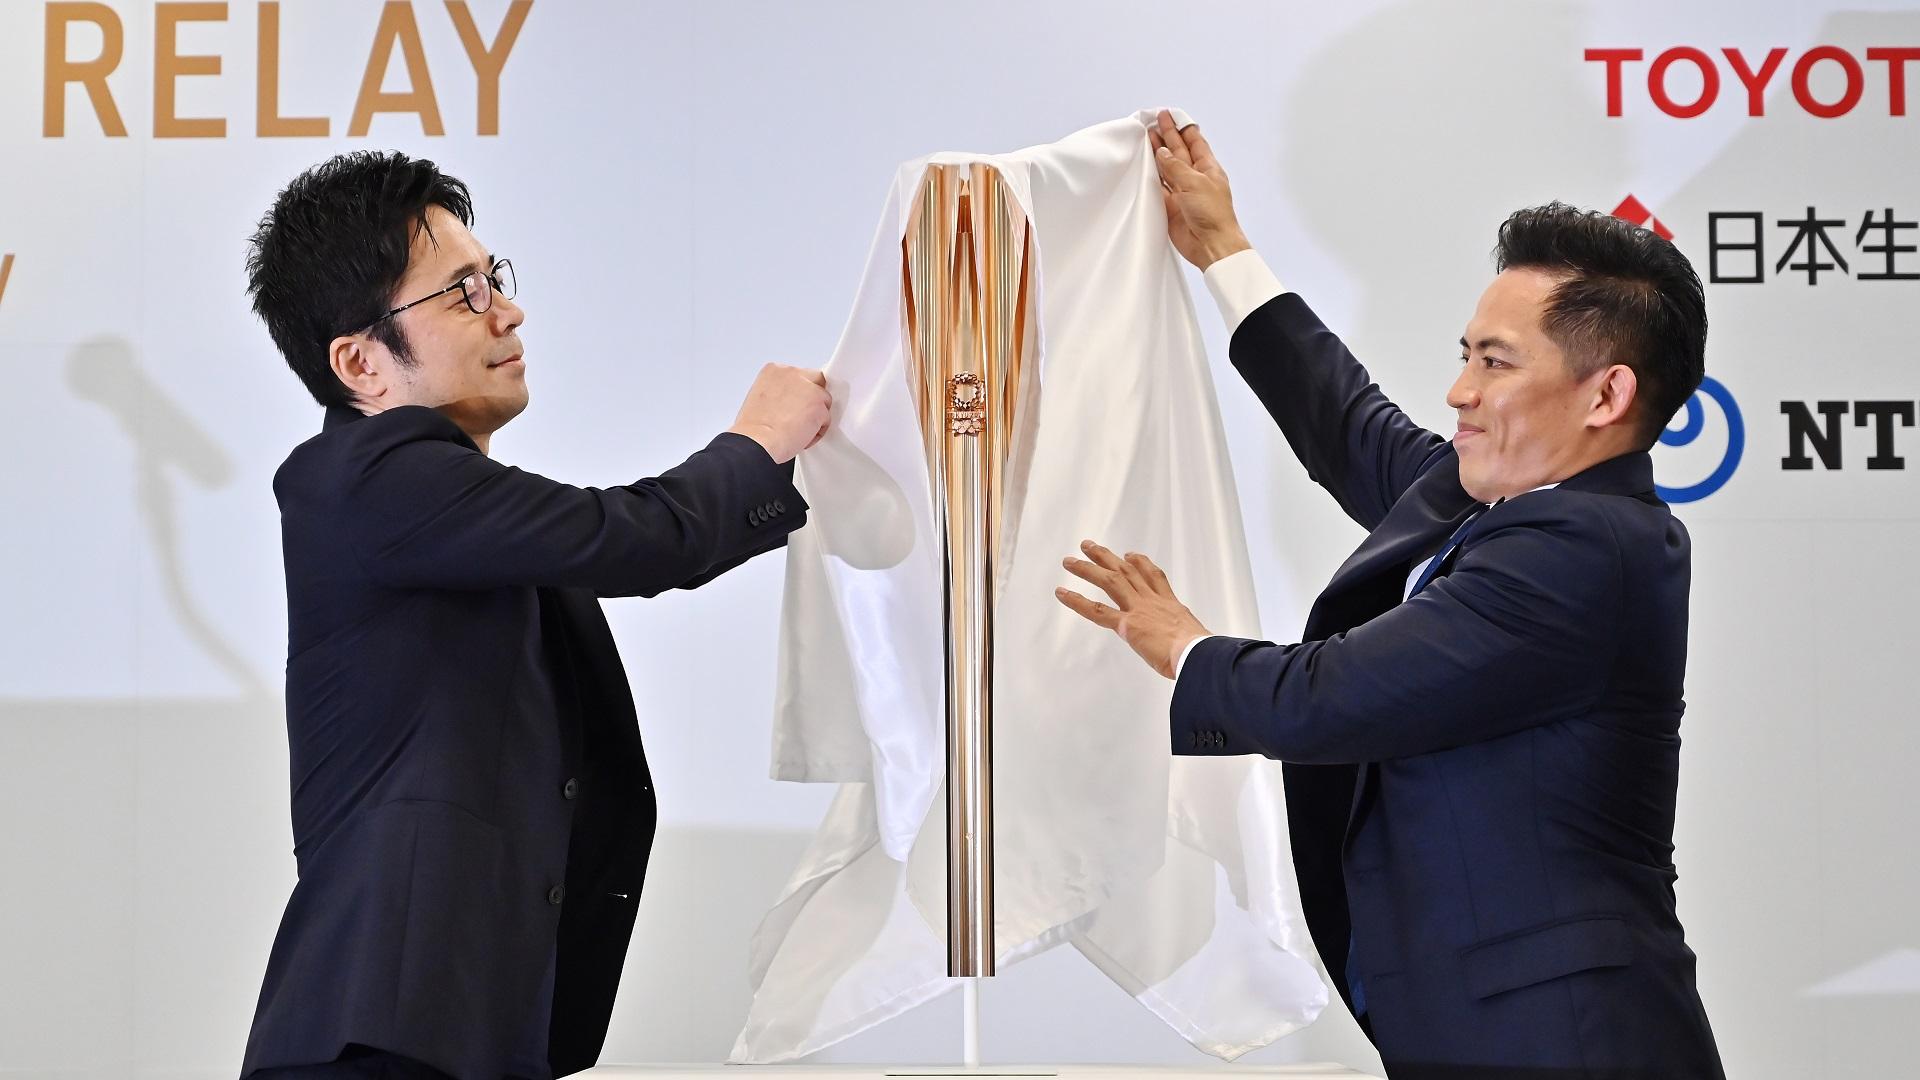 Presentación de la antorcha olímpica de Tokio 2020. Foto de AFP / Charly Triballeau